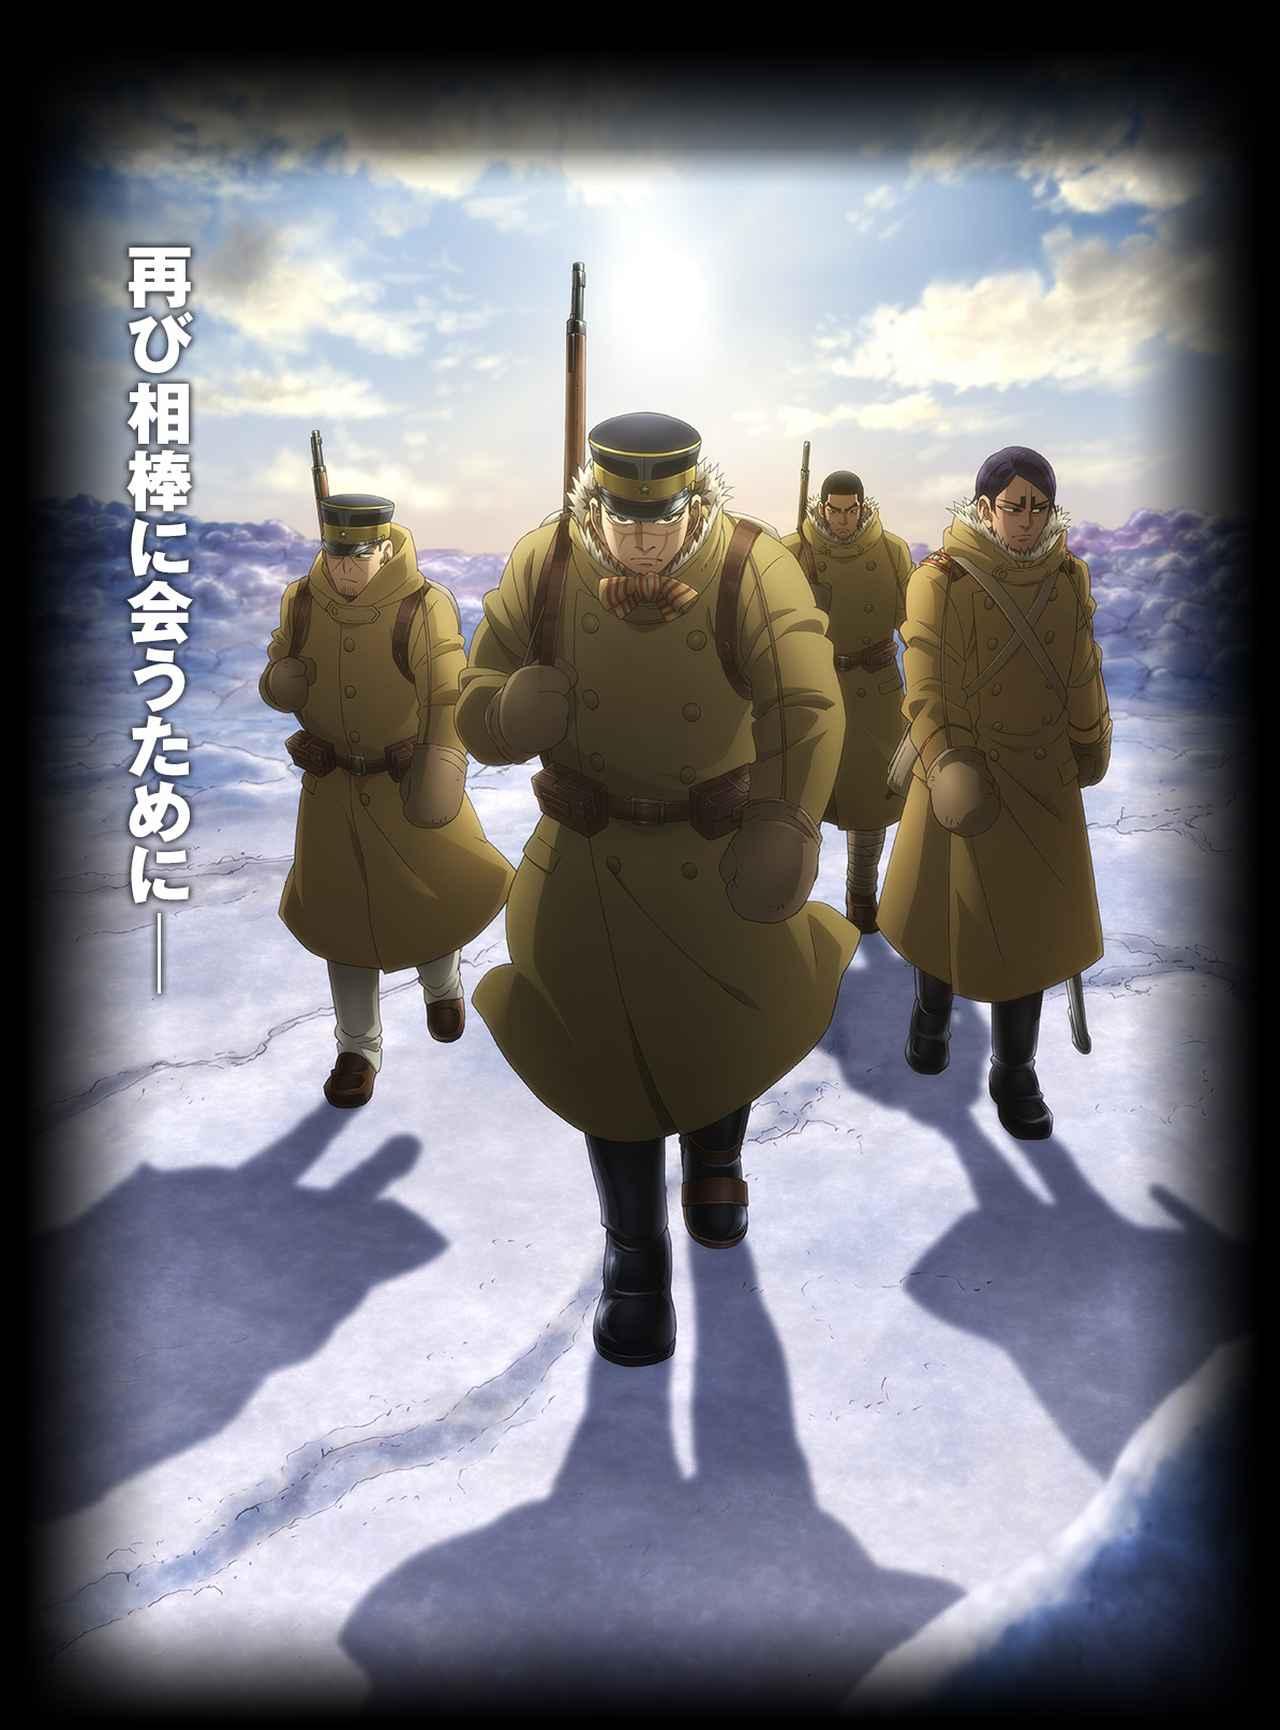 画像: TVアニメ「ゴールデンカムイ」公式サイト